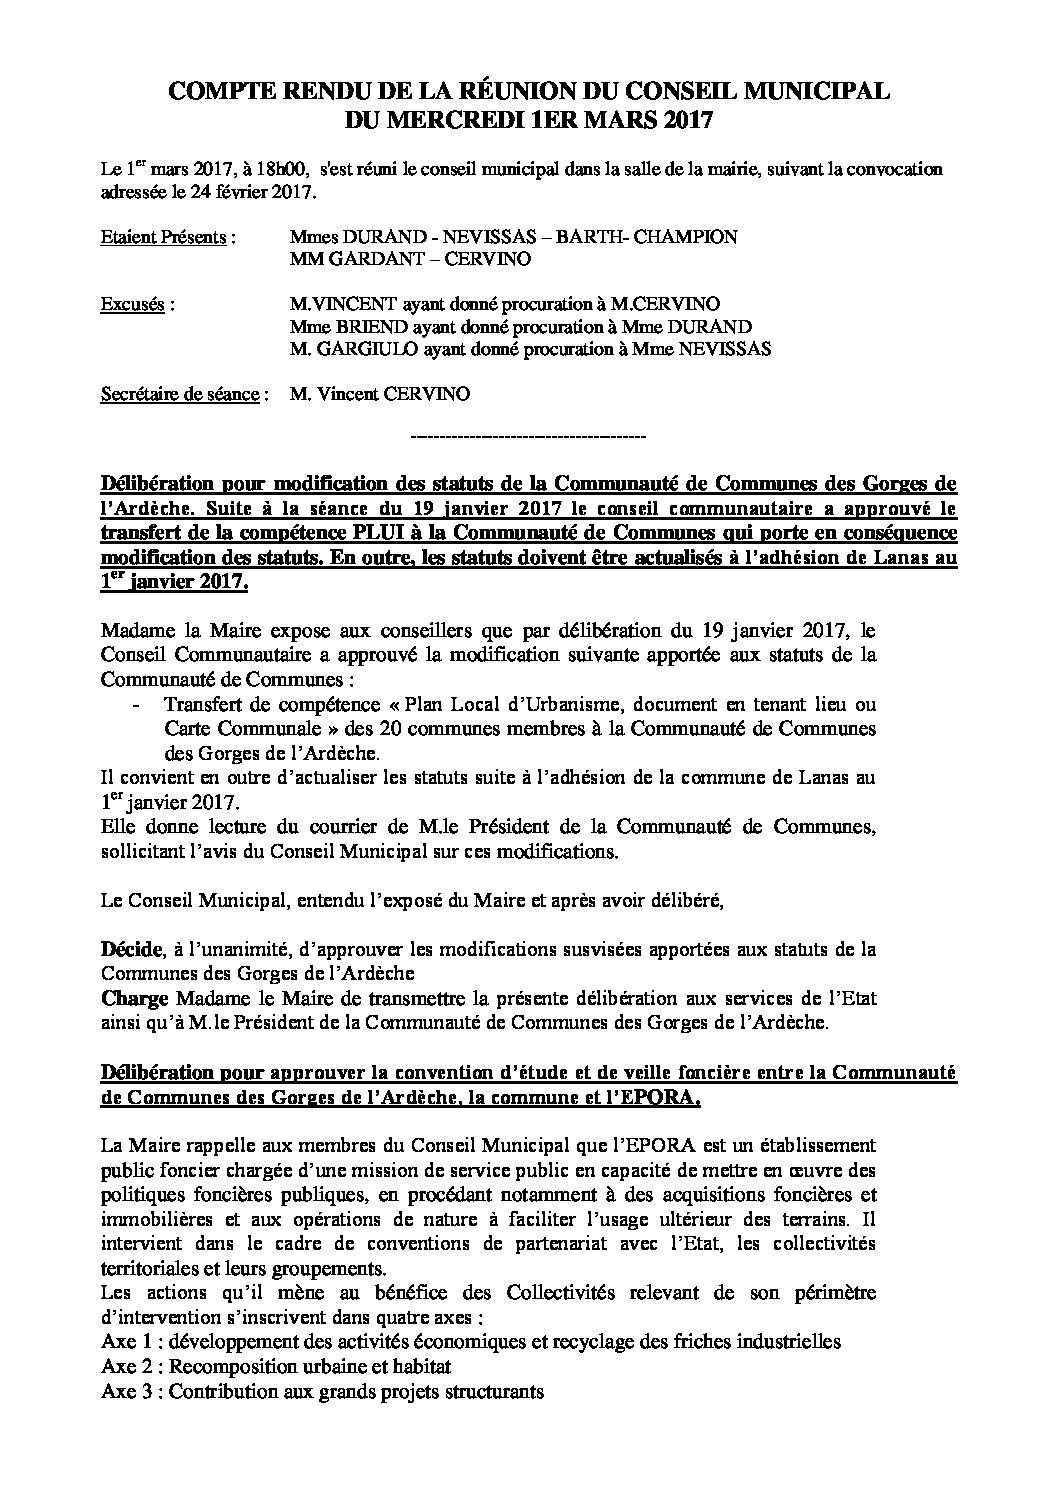 Conseil municipal du 1er mars 2017